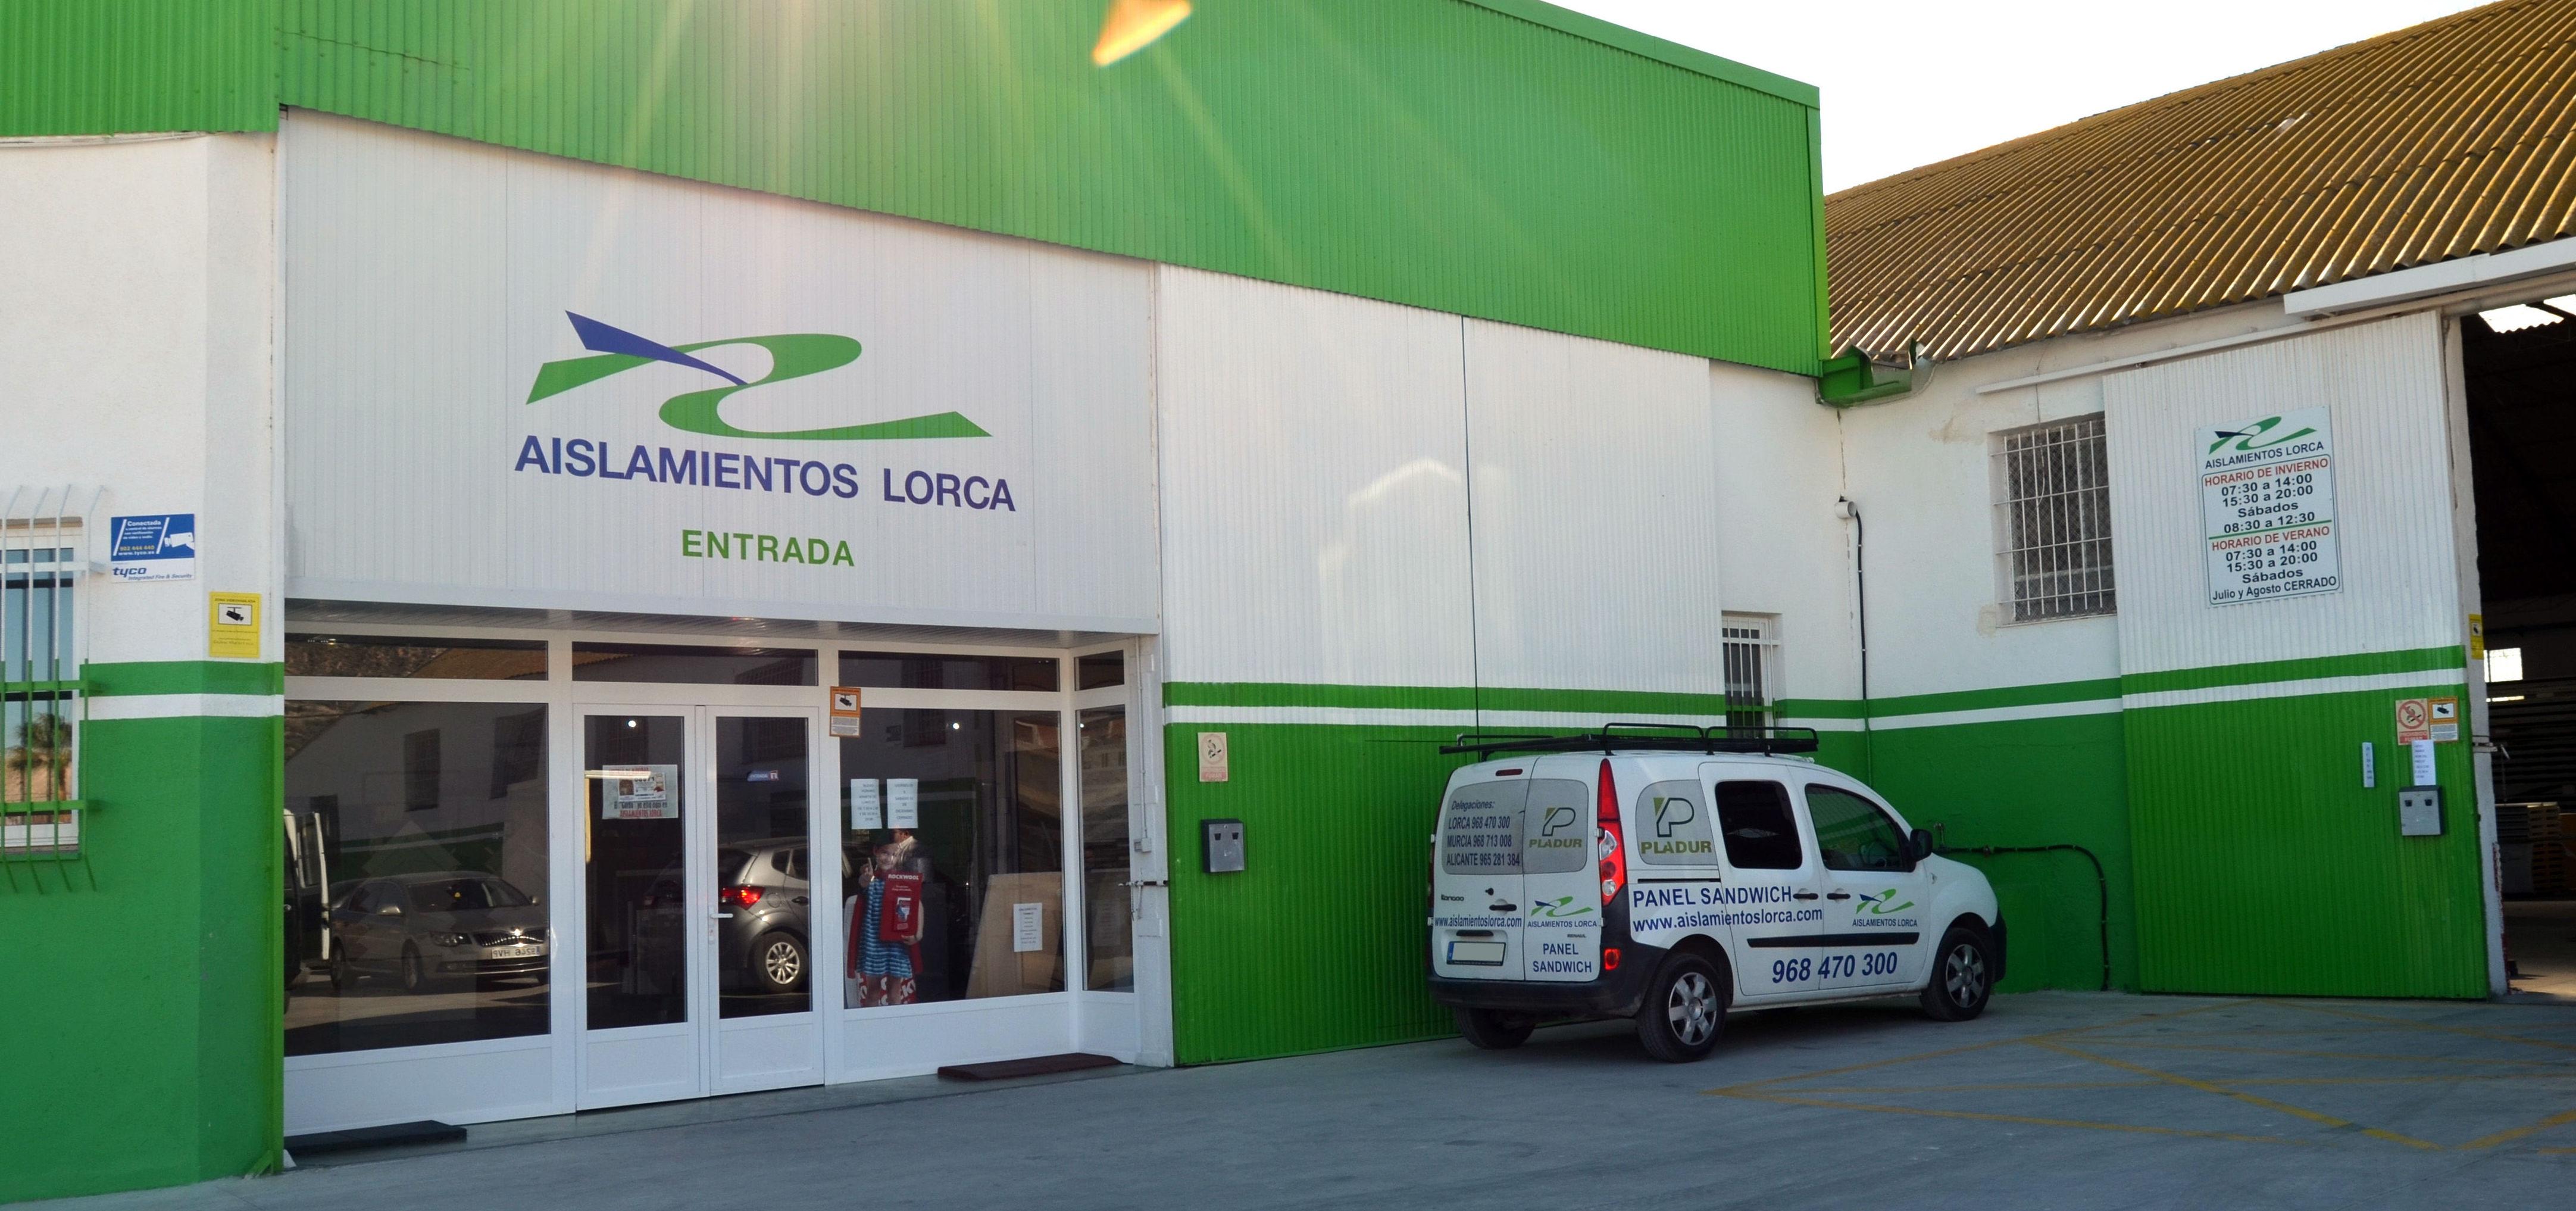 Empresa de aislamientos en Lorca